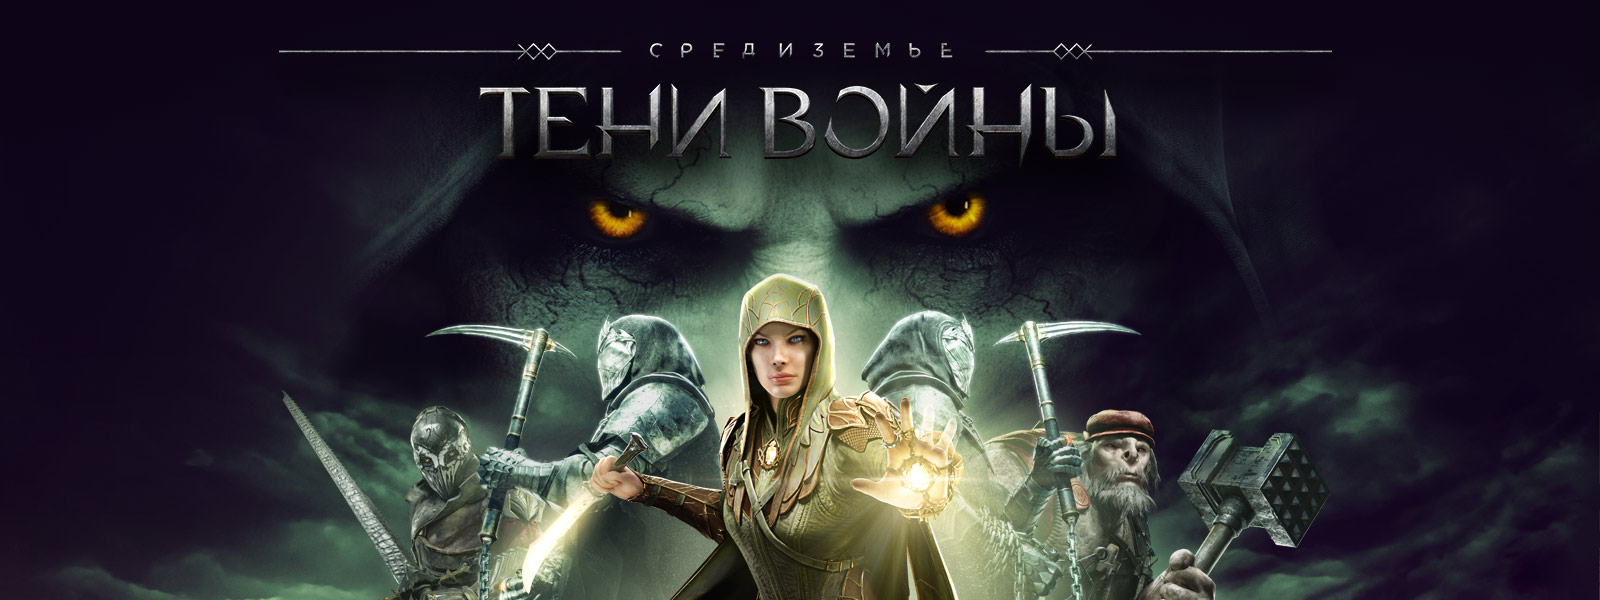 Средиземье: Тени войны, Элтариэль смотрит вперед, стоя перед четырьмя персонажами с большими глазами, смотрящими вверх